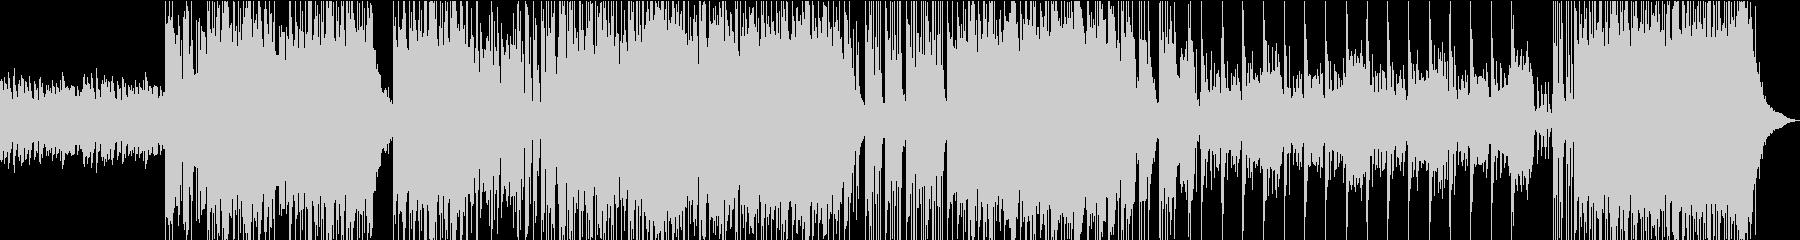 ポップな和太鼓の未再生の波形